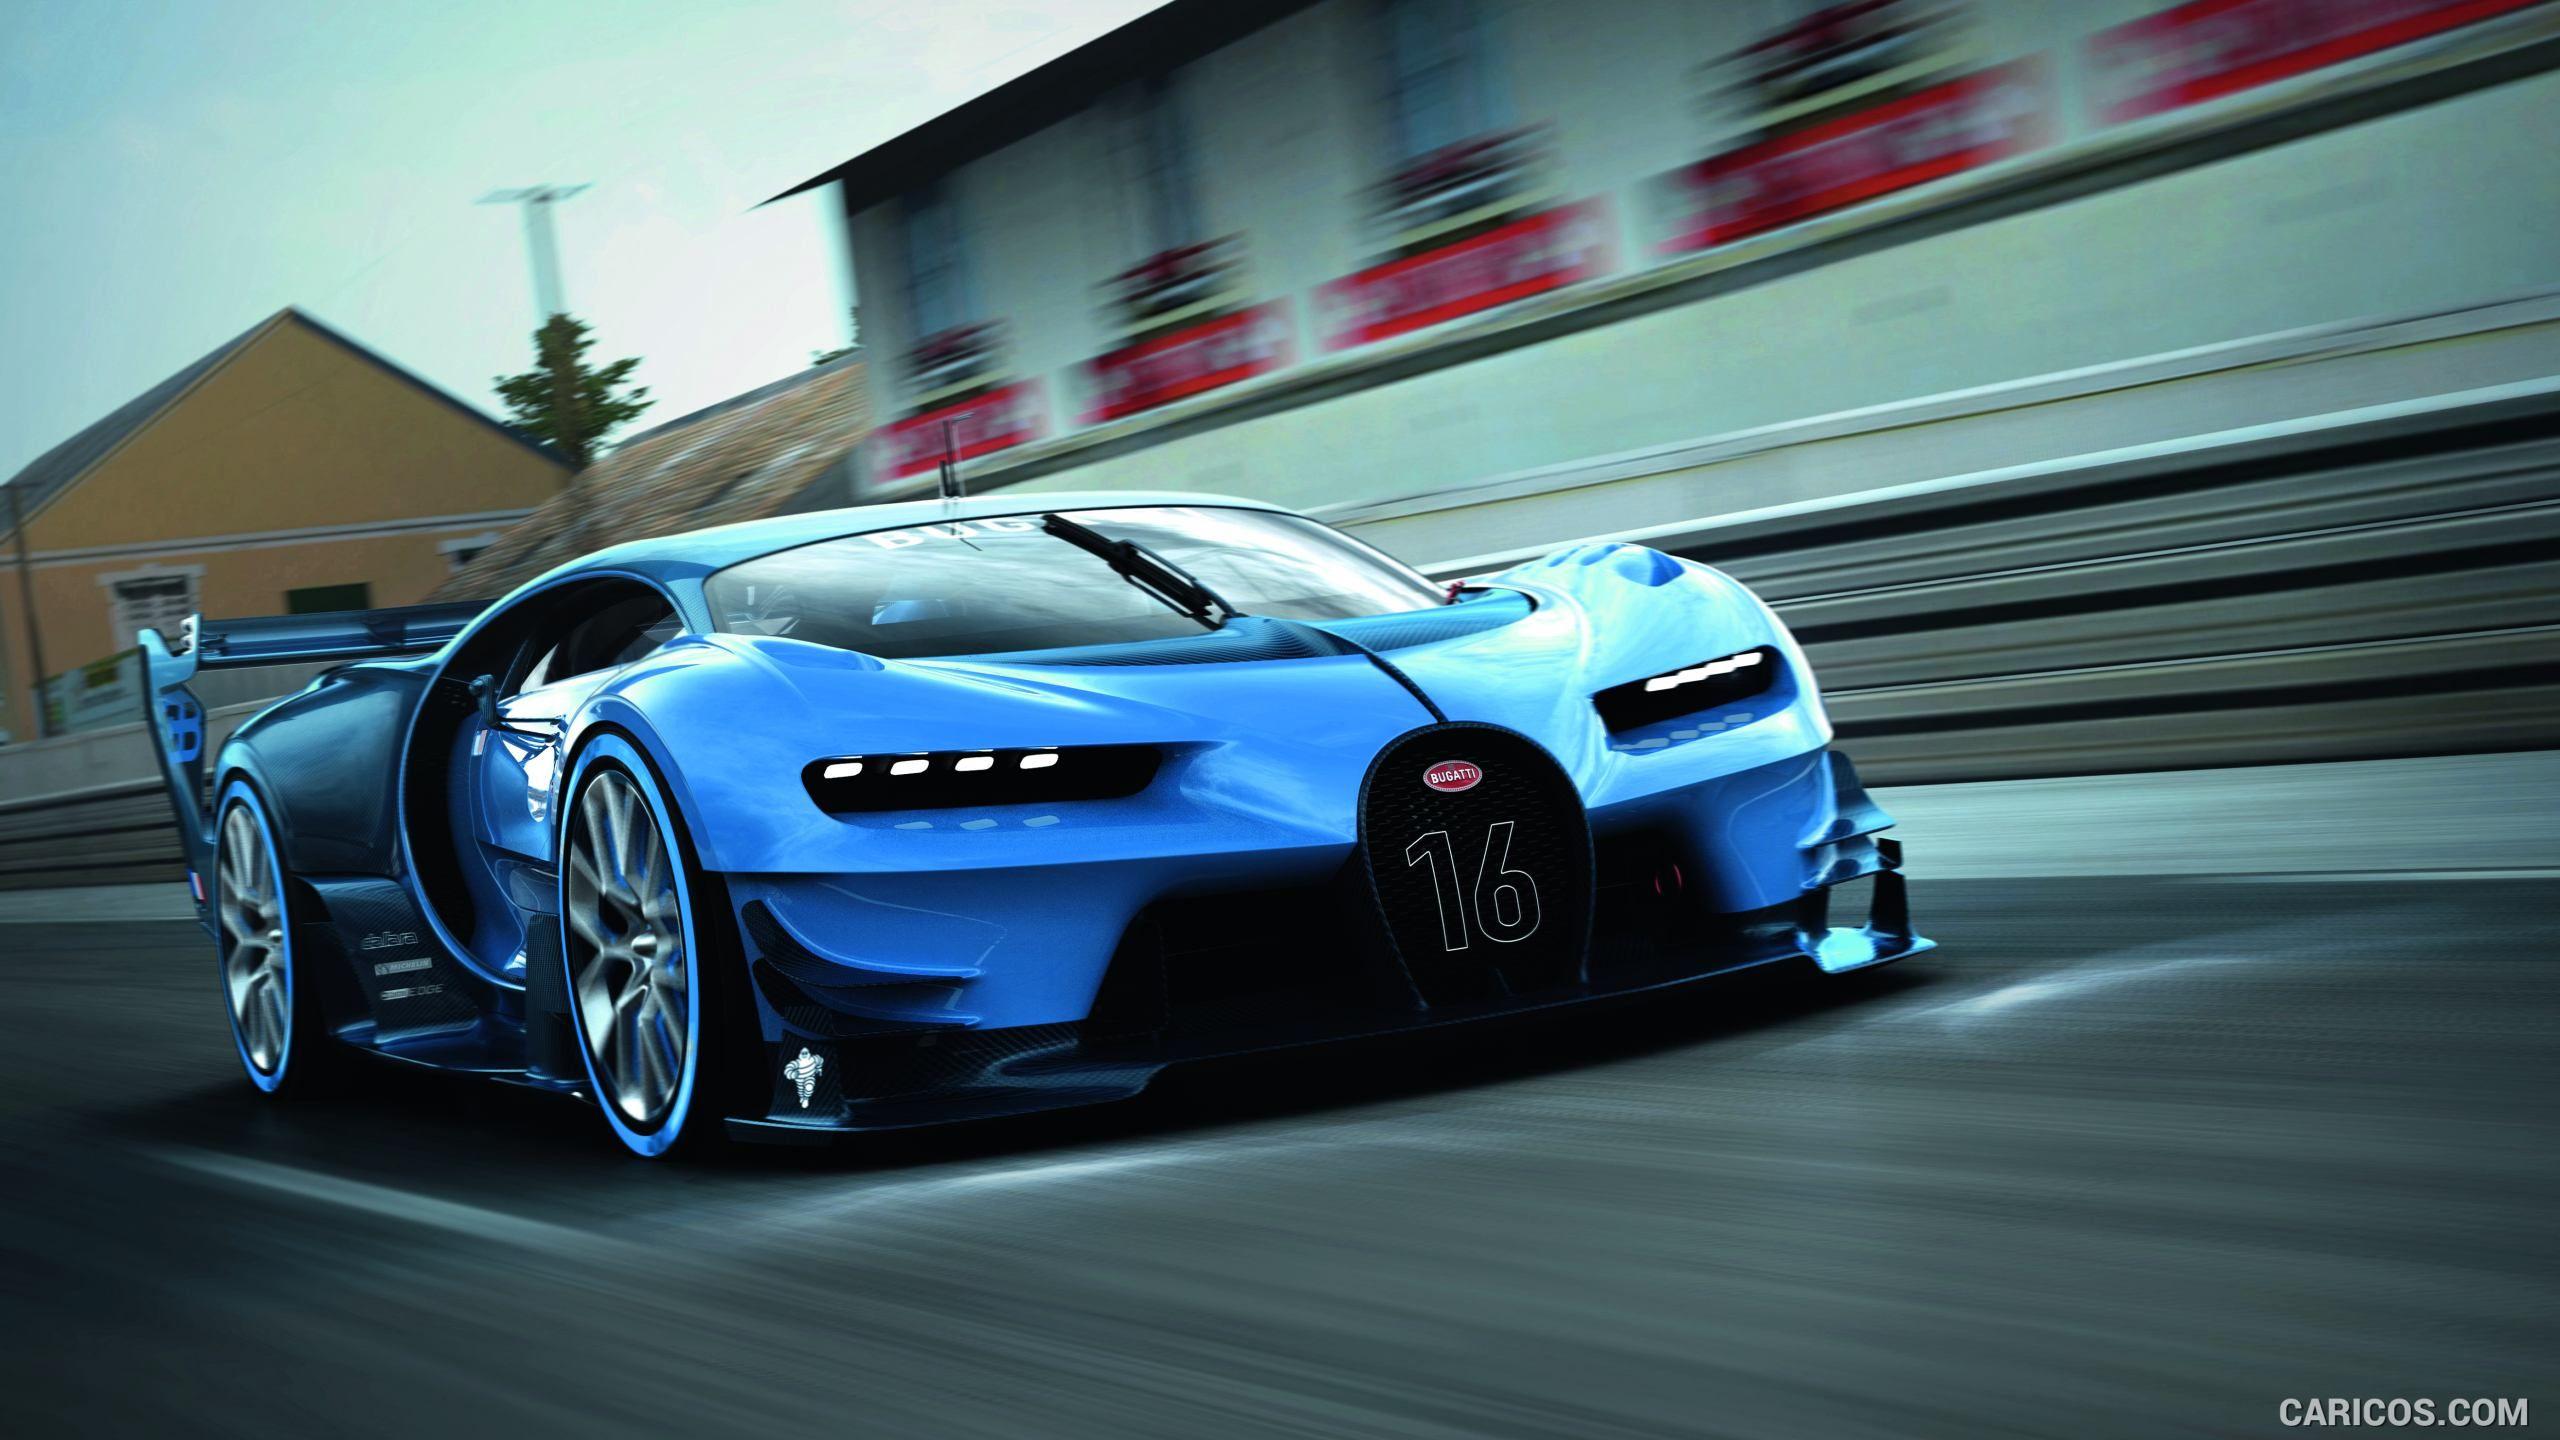 Caricos Bugatti Vision Gran Turismo Concept 2015 Link 68 Fotos Bugatti Cars Super Cars Bugatti